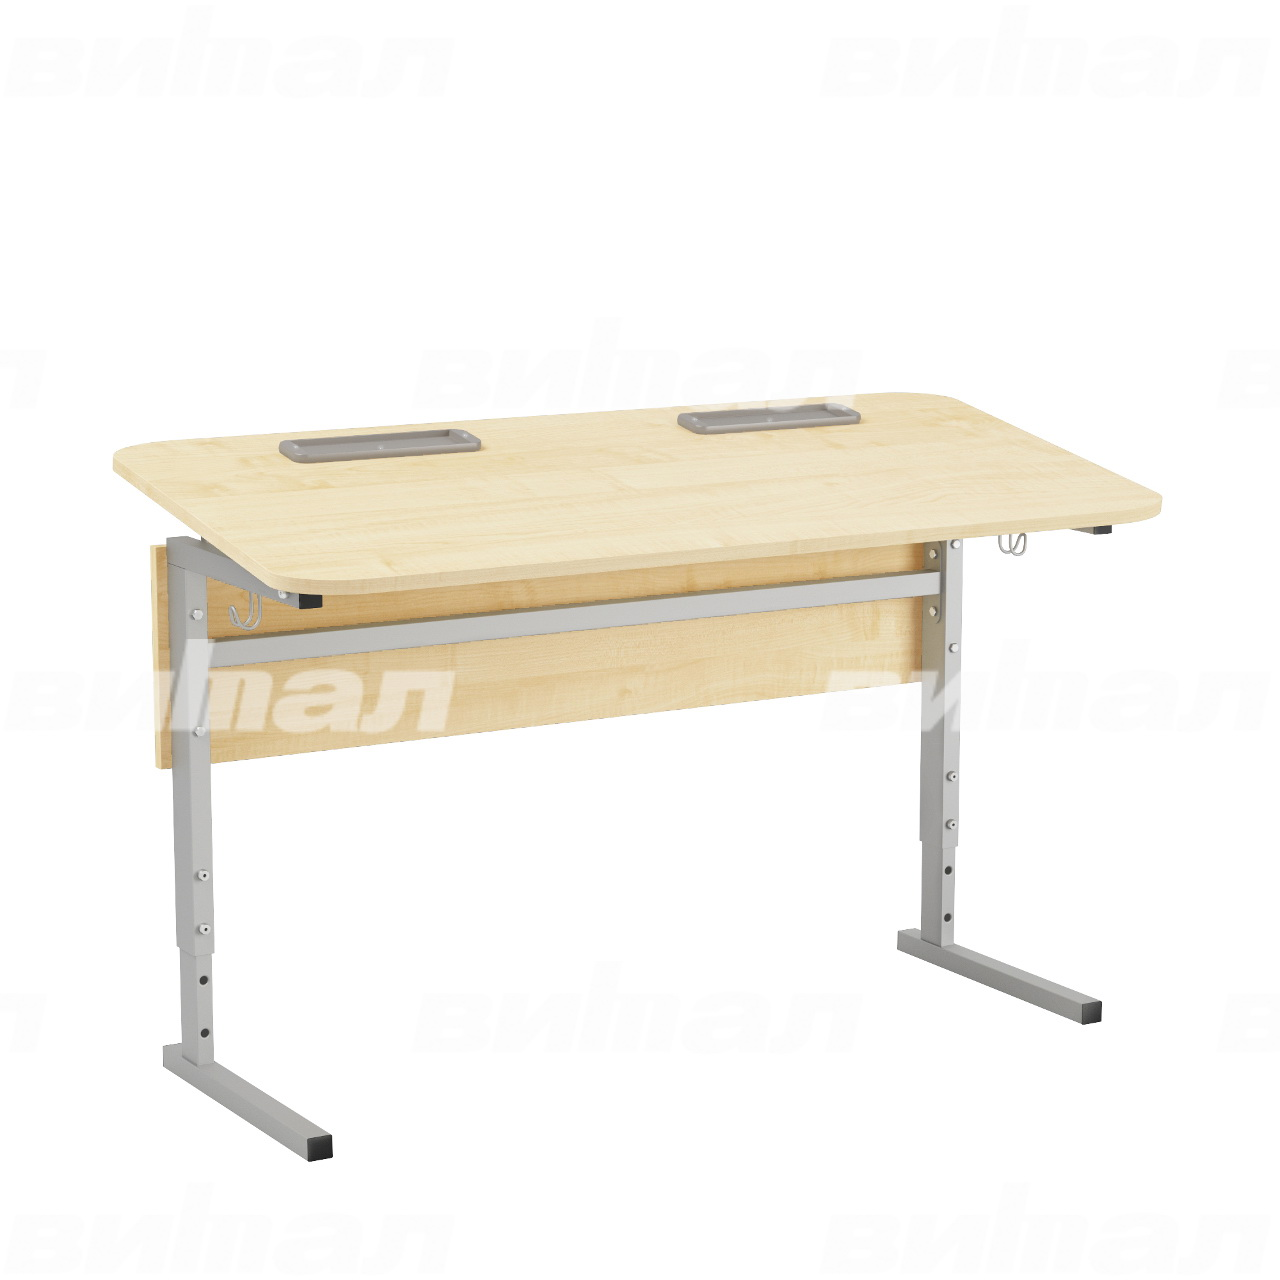 Стол 2-местный регулир. высота и наклон столешницы 0-10° (гр 2-4, 3-5 или 4-6) серый Клен 2-4 Меламин прямоугольная